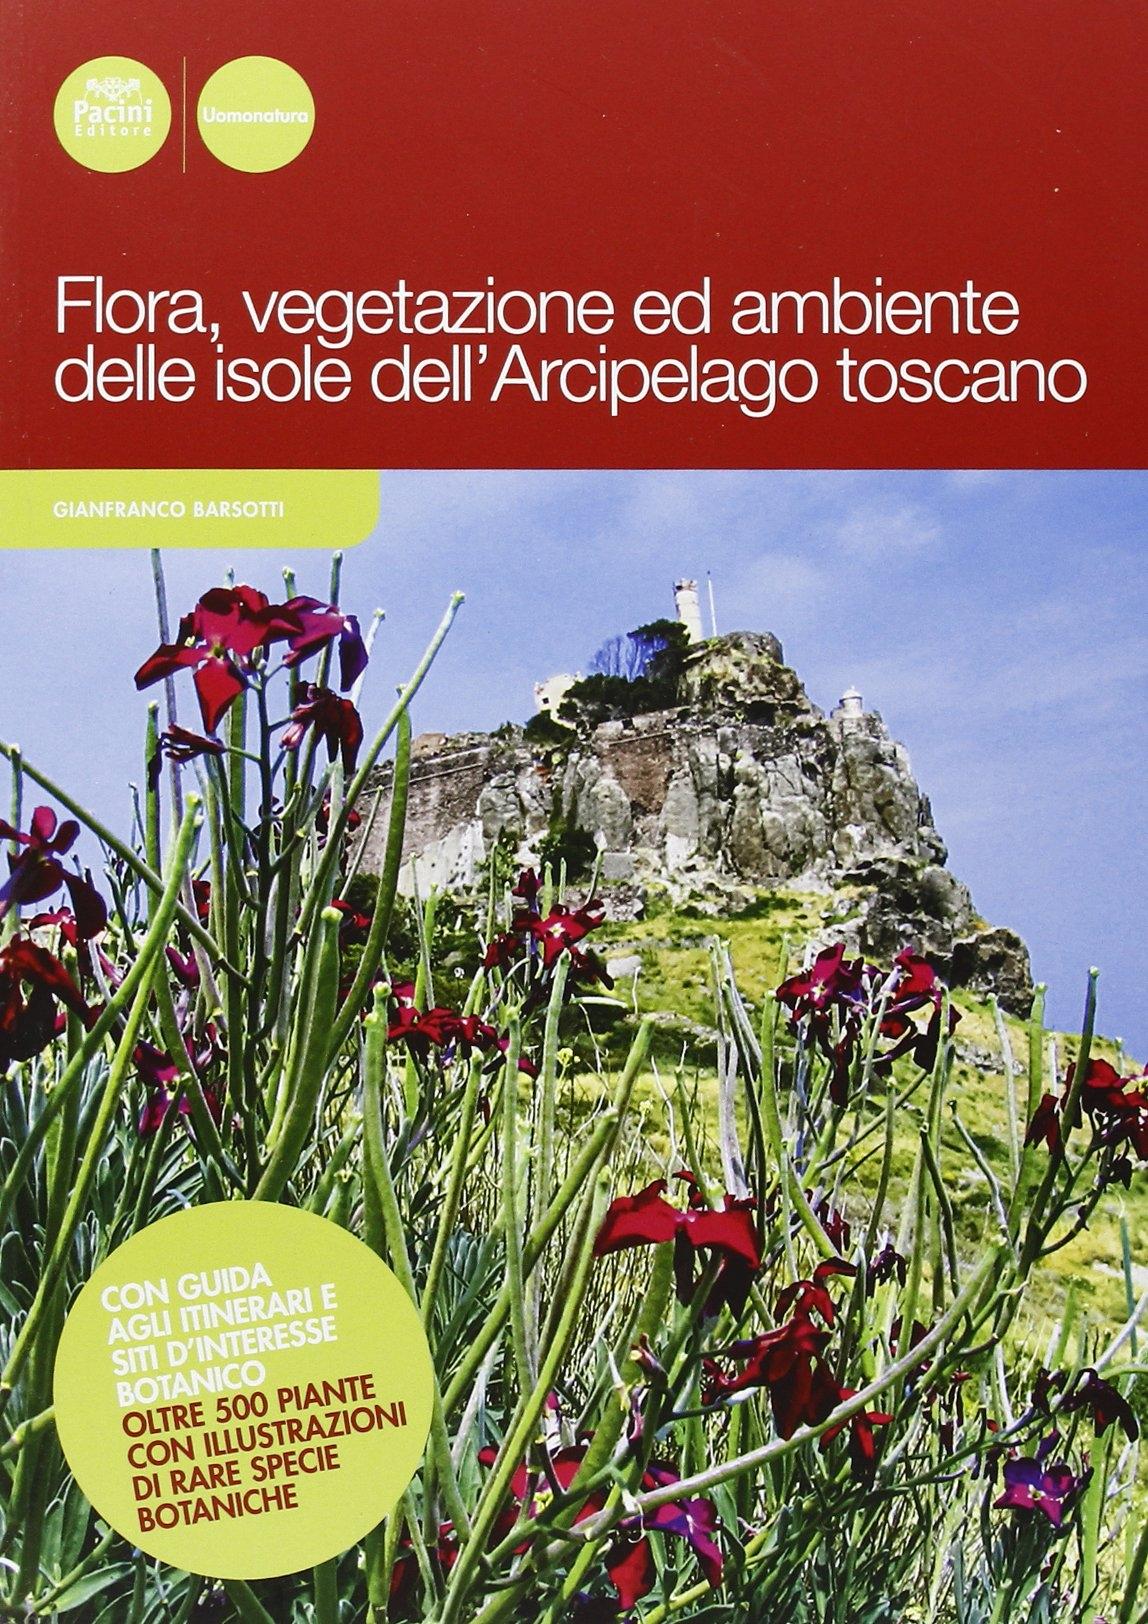 Flora, vegetazione ed ambiente delle isole dell'arcipelago toscano. Ediz. illustrata